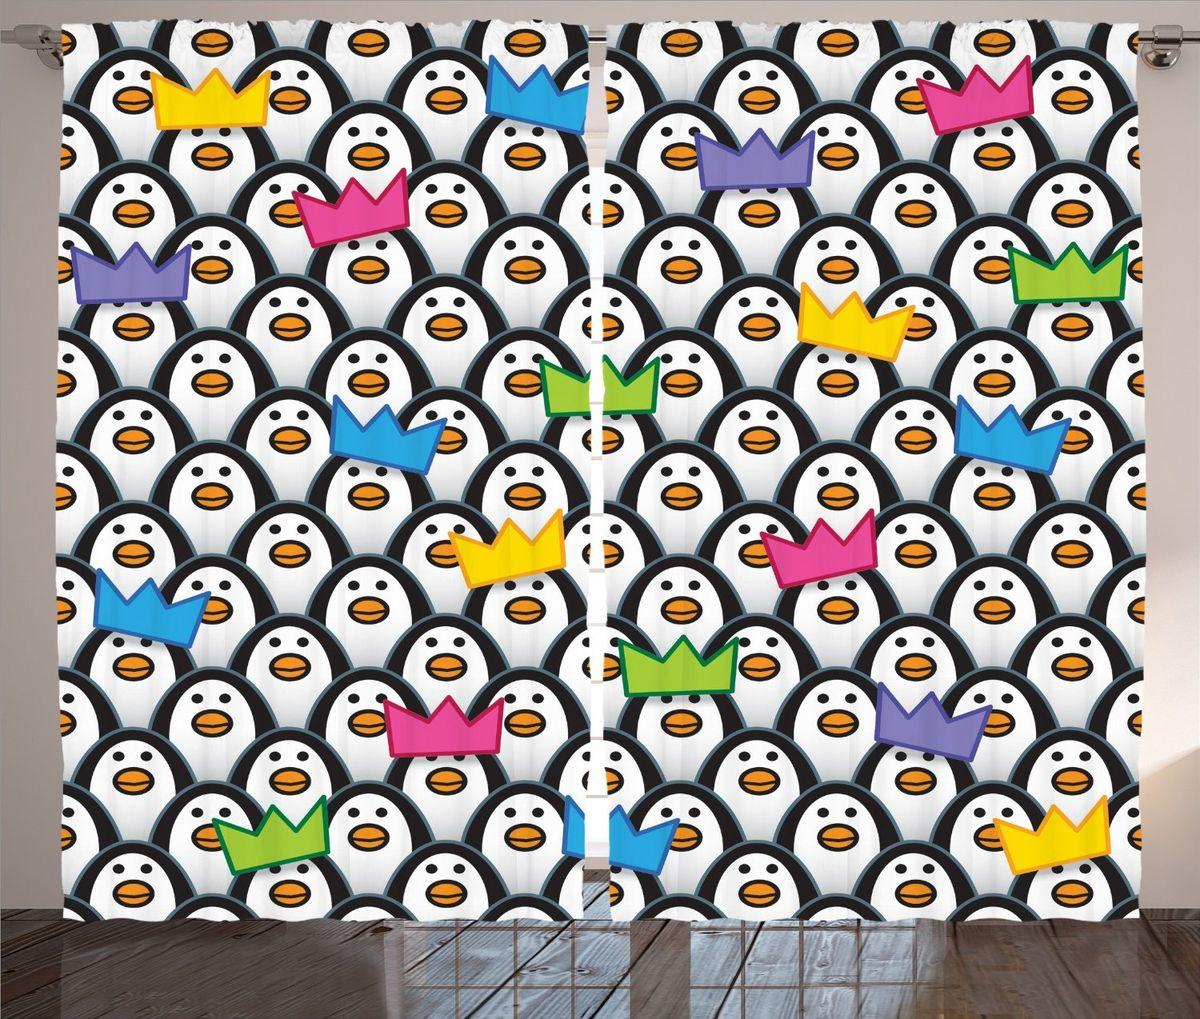 Комплект фотоштор Magic Lady Императорские пингвины, на ленте, высота 265 см1004900000360Фотошторы Magic Lady Императорские пингвины, изготовленные из высококачественного сатена (полиэстер 100%), отлично дополнят любой интерьер. При изготовлении используются специальные гипоаллергенные чернила для прямой печати по ткани, безопасные для человека и животных. Крепление на карниз при помощи шторной ленты на крючки.В комплекте 2 шторы, 50 крючков. Ширина одного полотна: 145 см.Высота штор: 265 см.Изображение на мониторе может немного отличаться от реального.